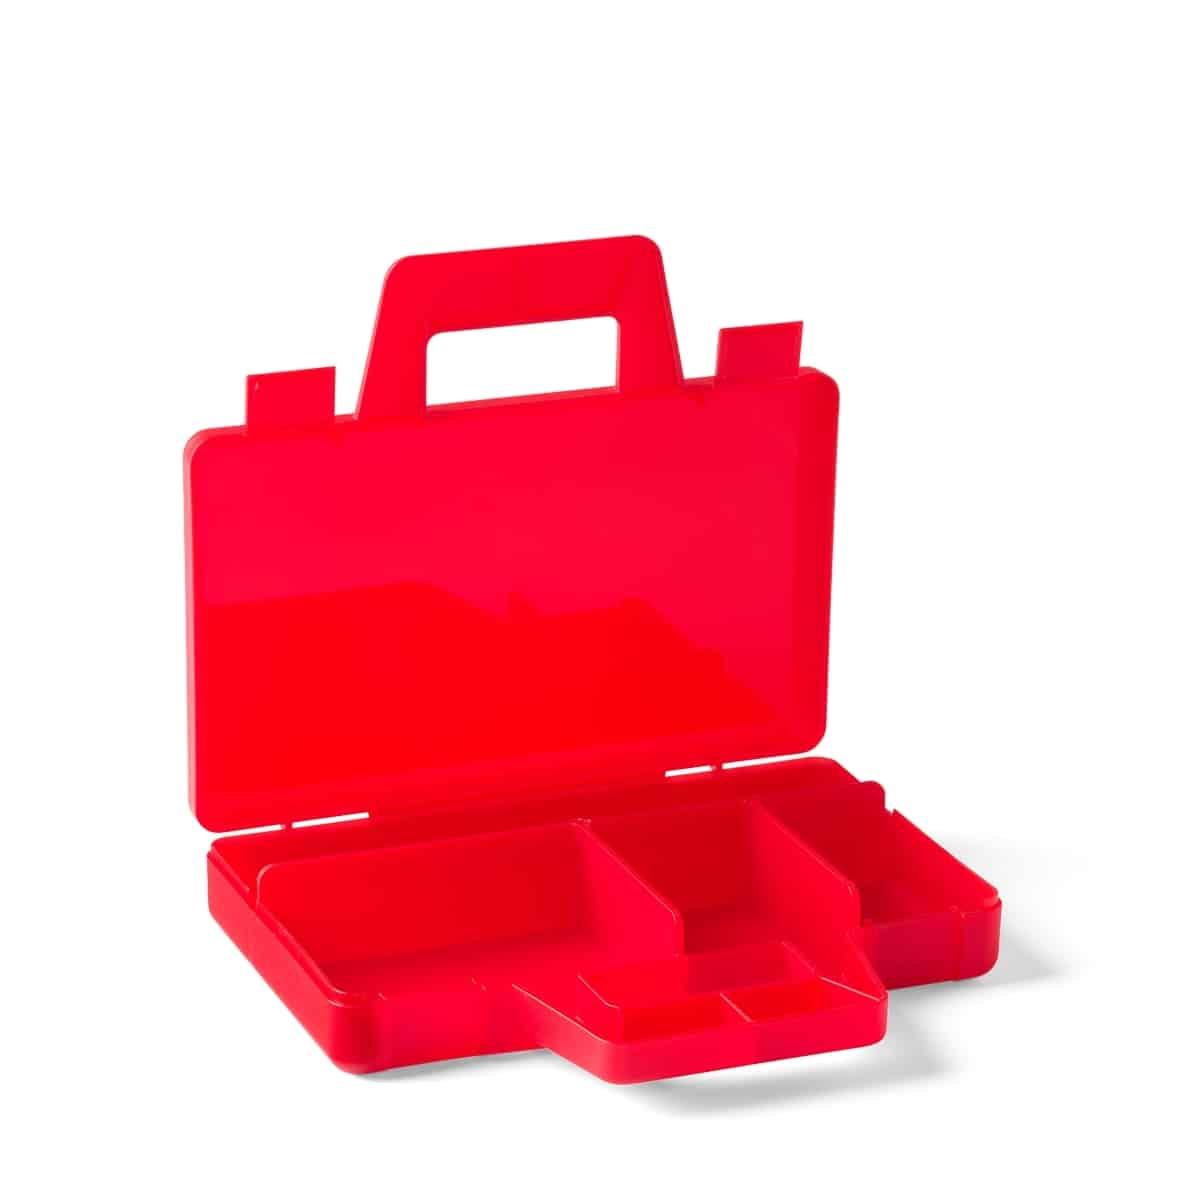 lego transparante rode sorteerdoos 5005769